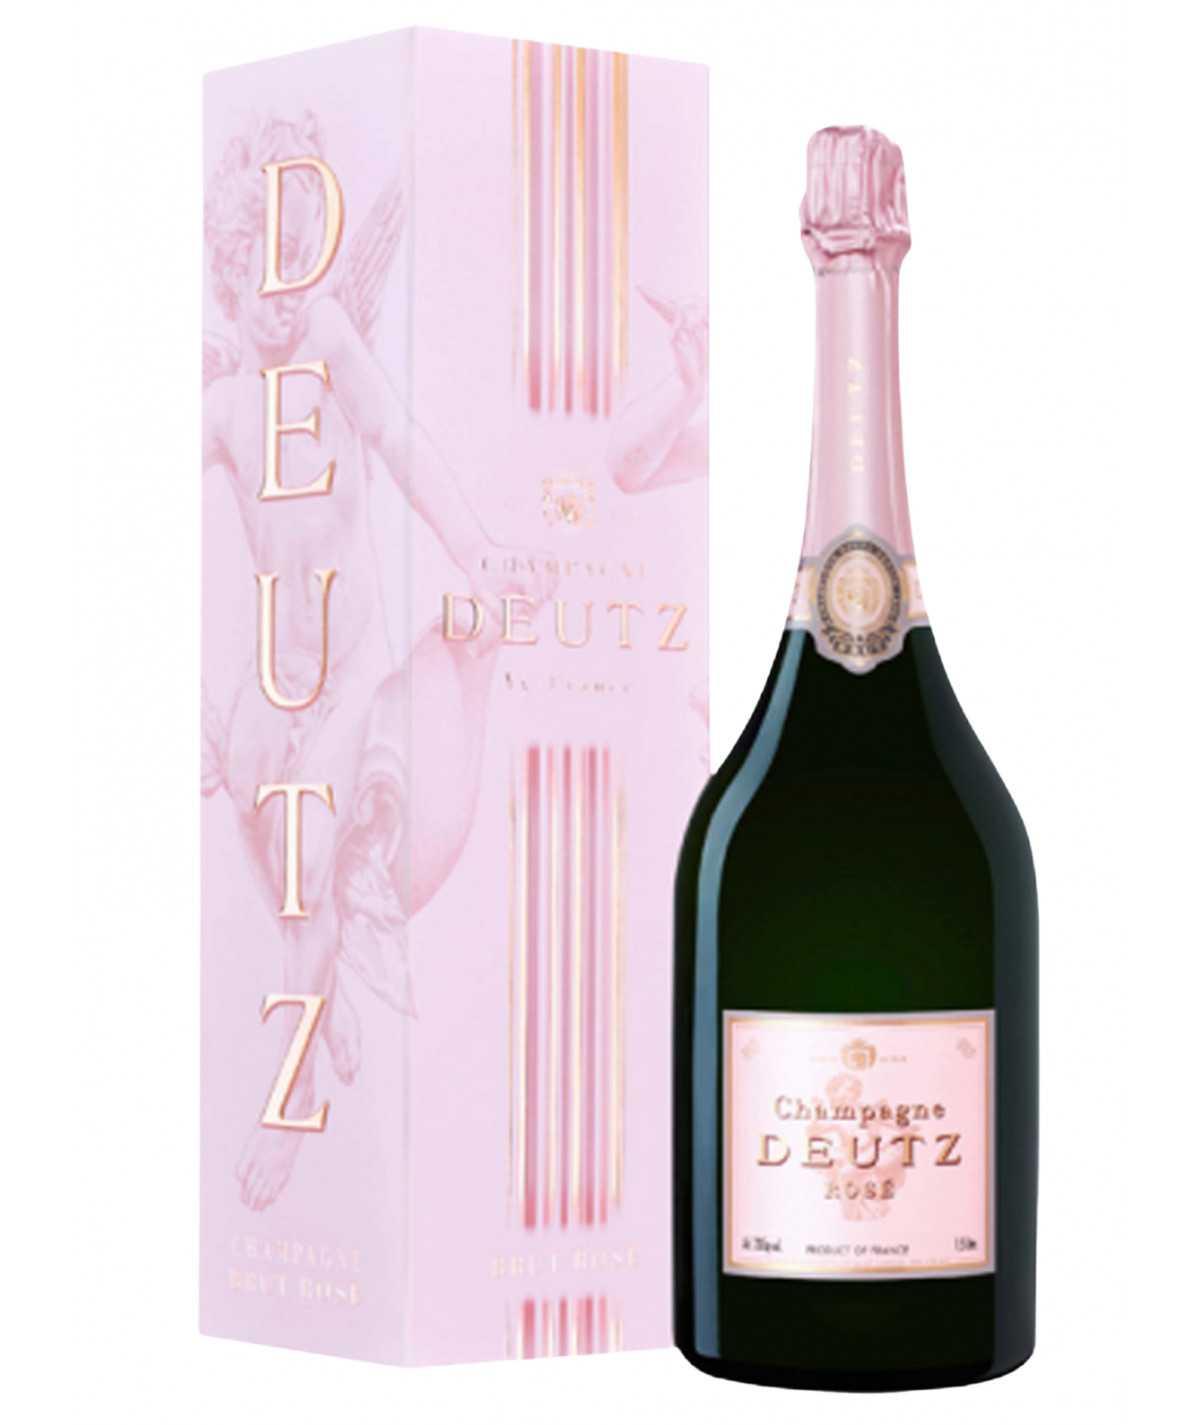 DEUTZ Champagne Brut pink